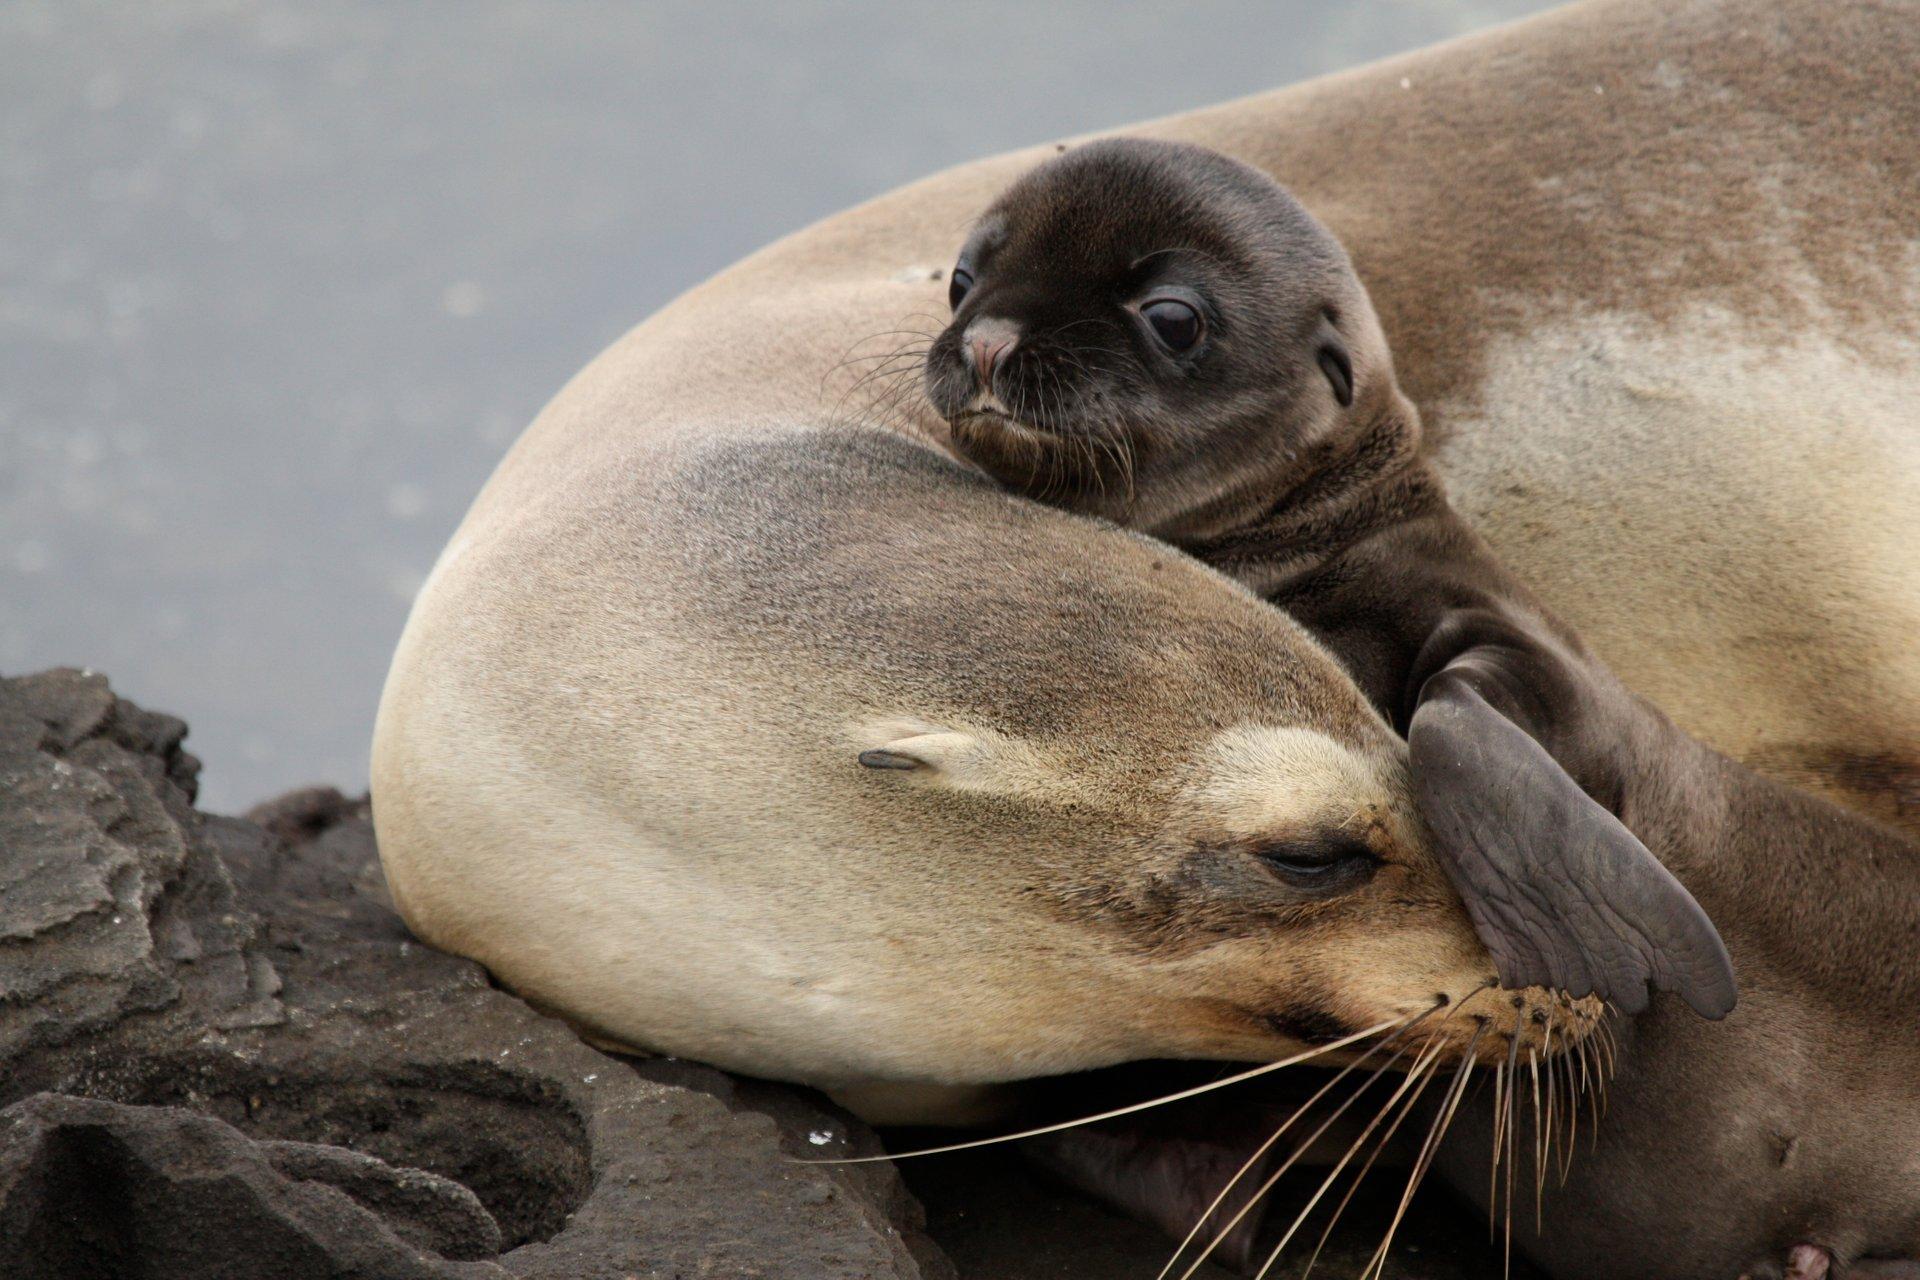 Sea Lion Baby and Mom at Santa Cruz, Galapagos, Ecuador 2020